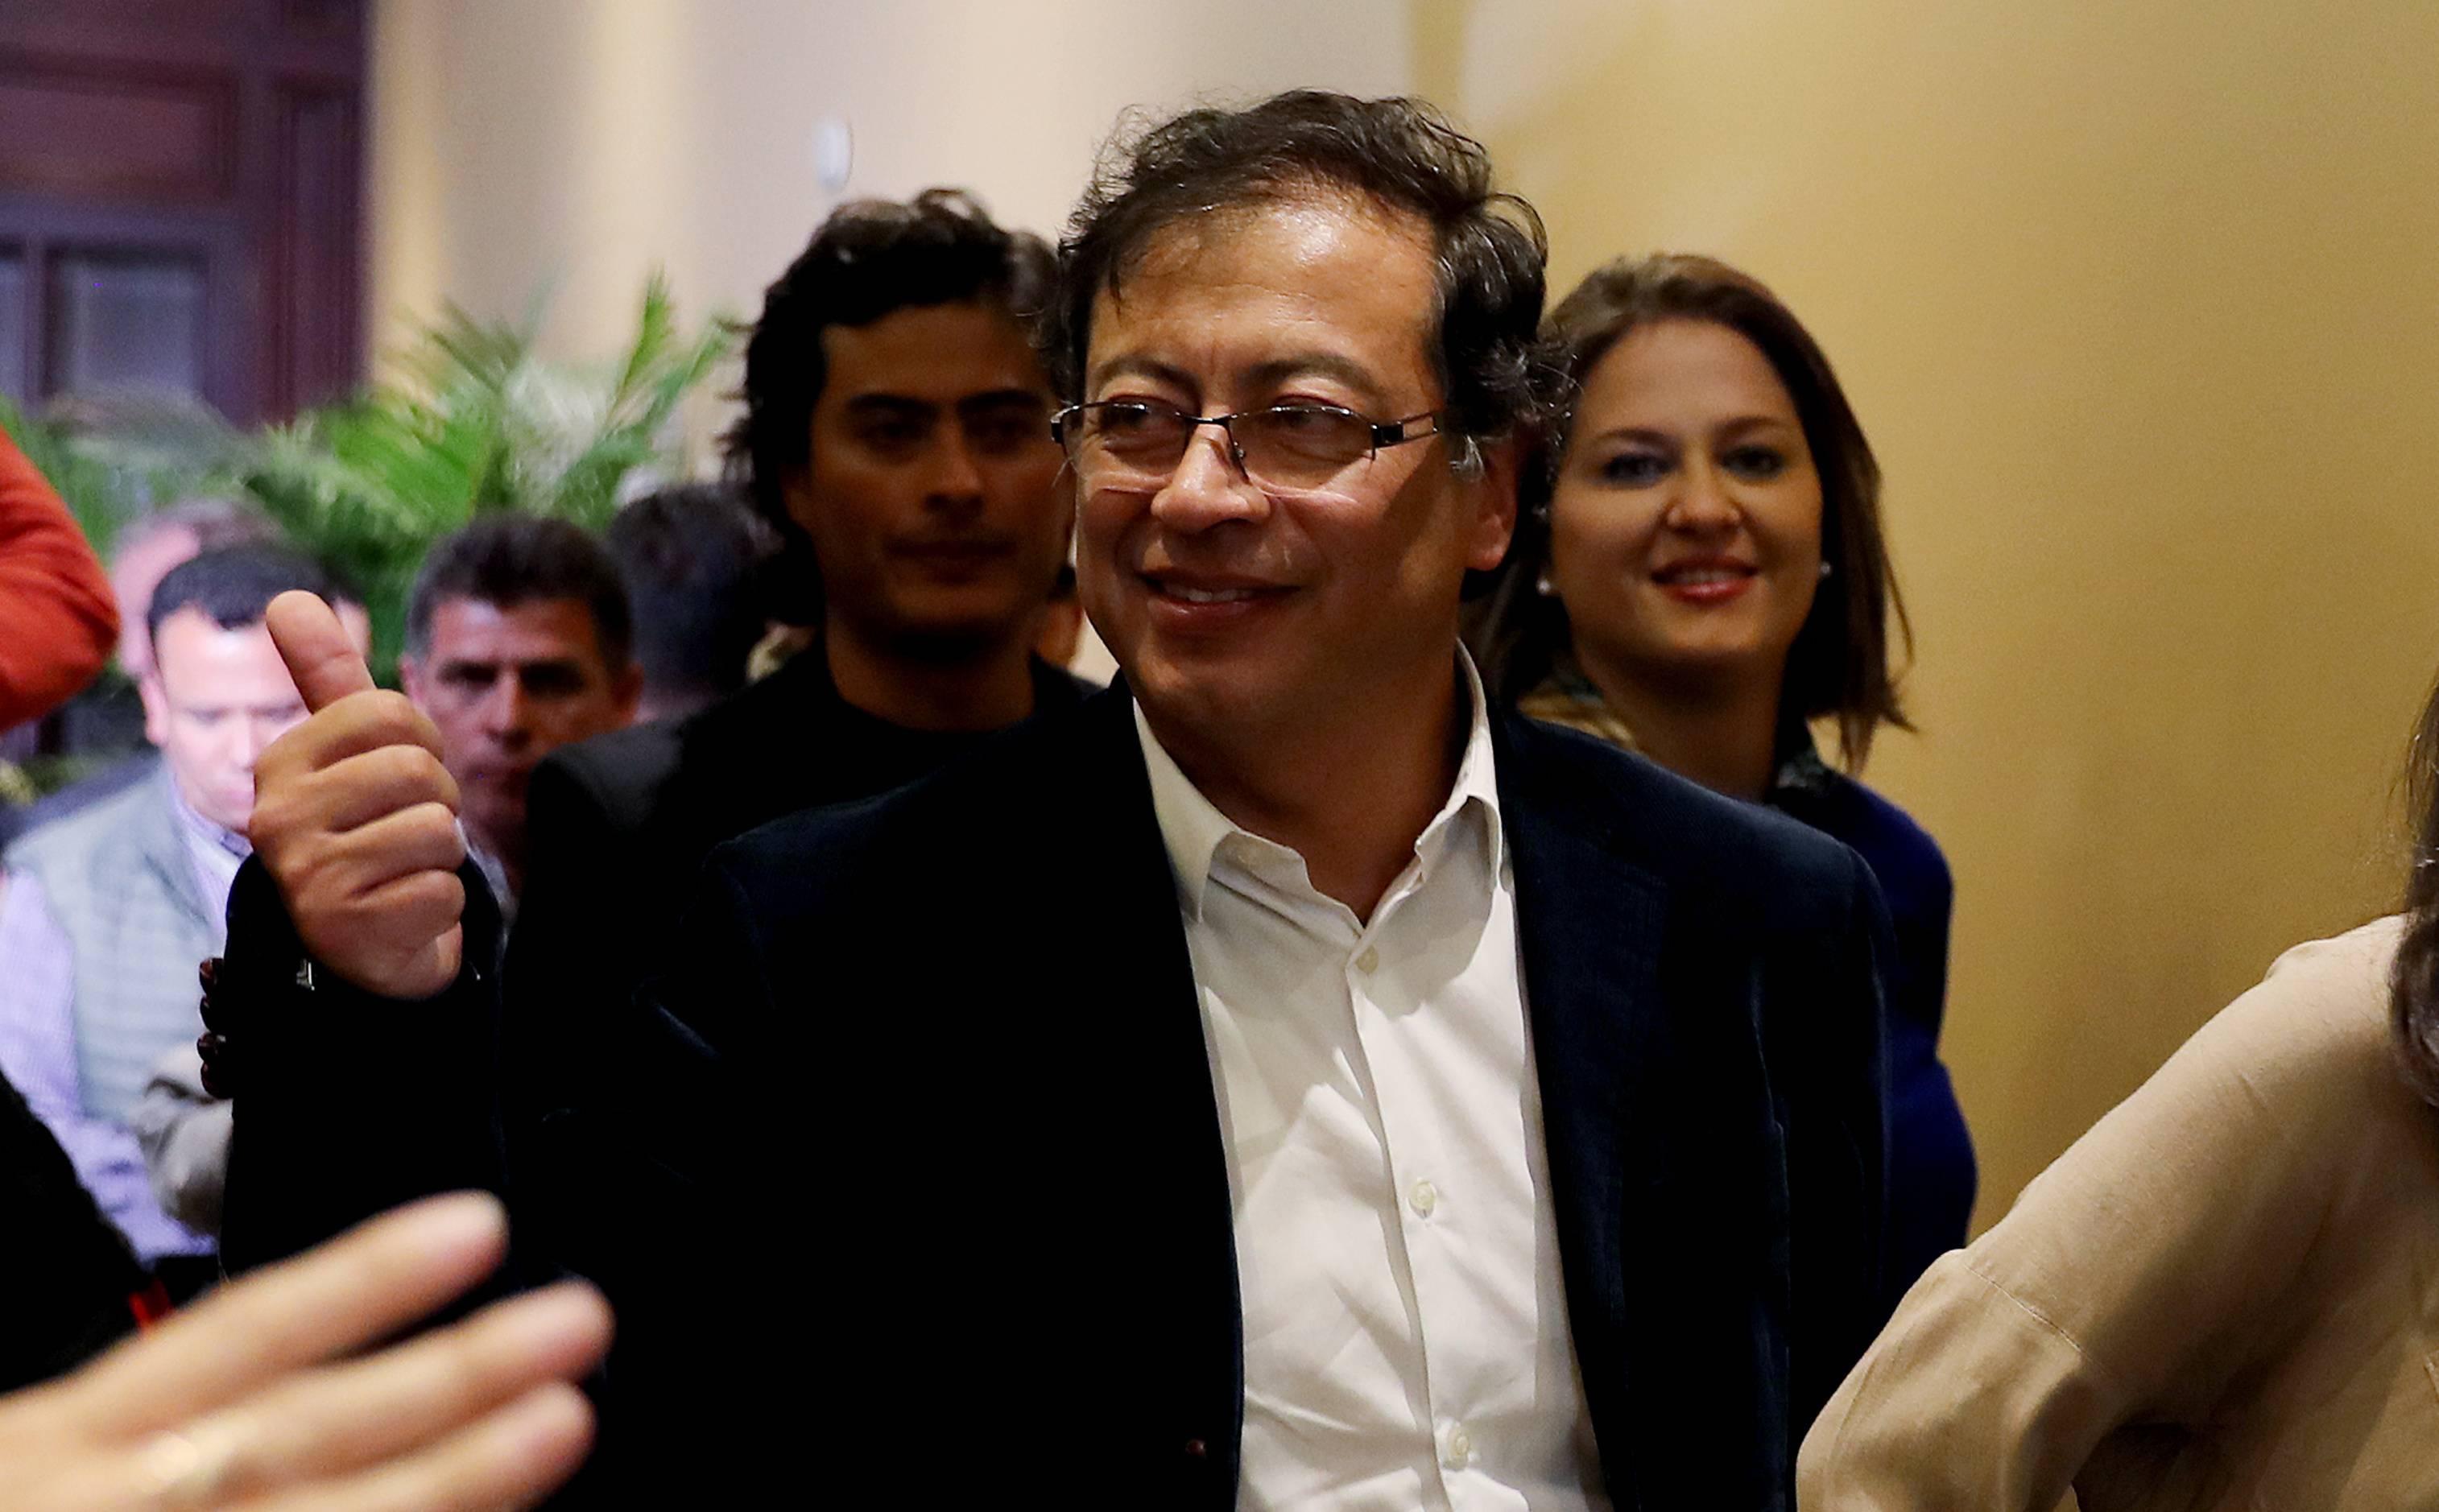 CONGRESO DE COLOMBIA: Foto de Gustavo Petro en el Capitolio se hace viral